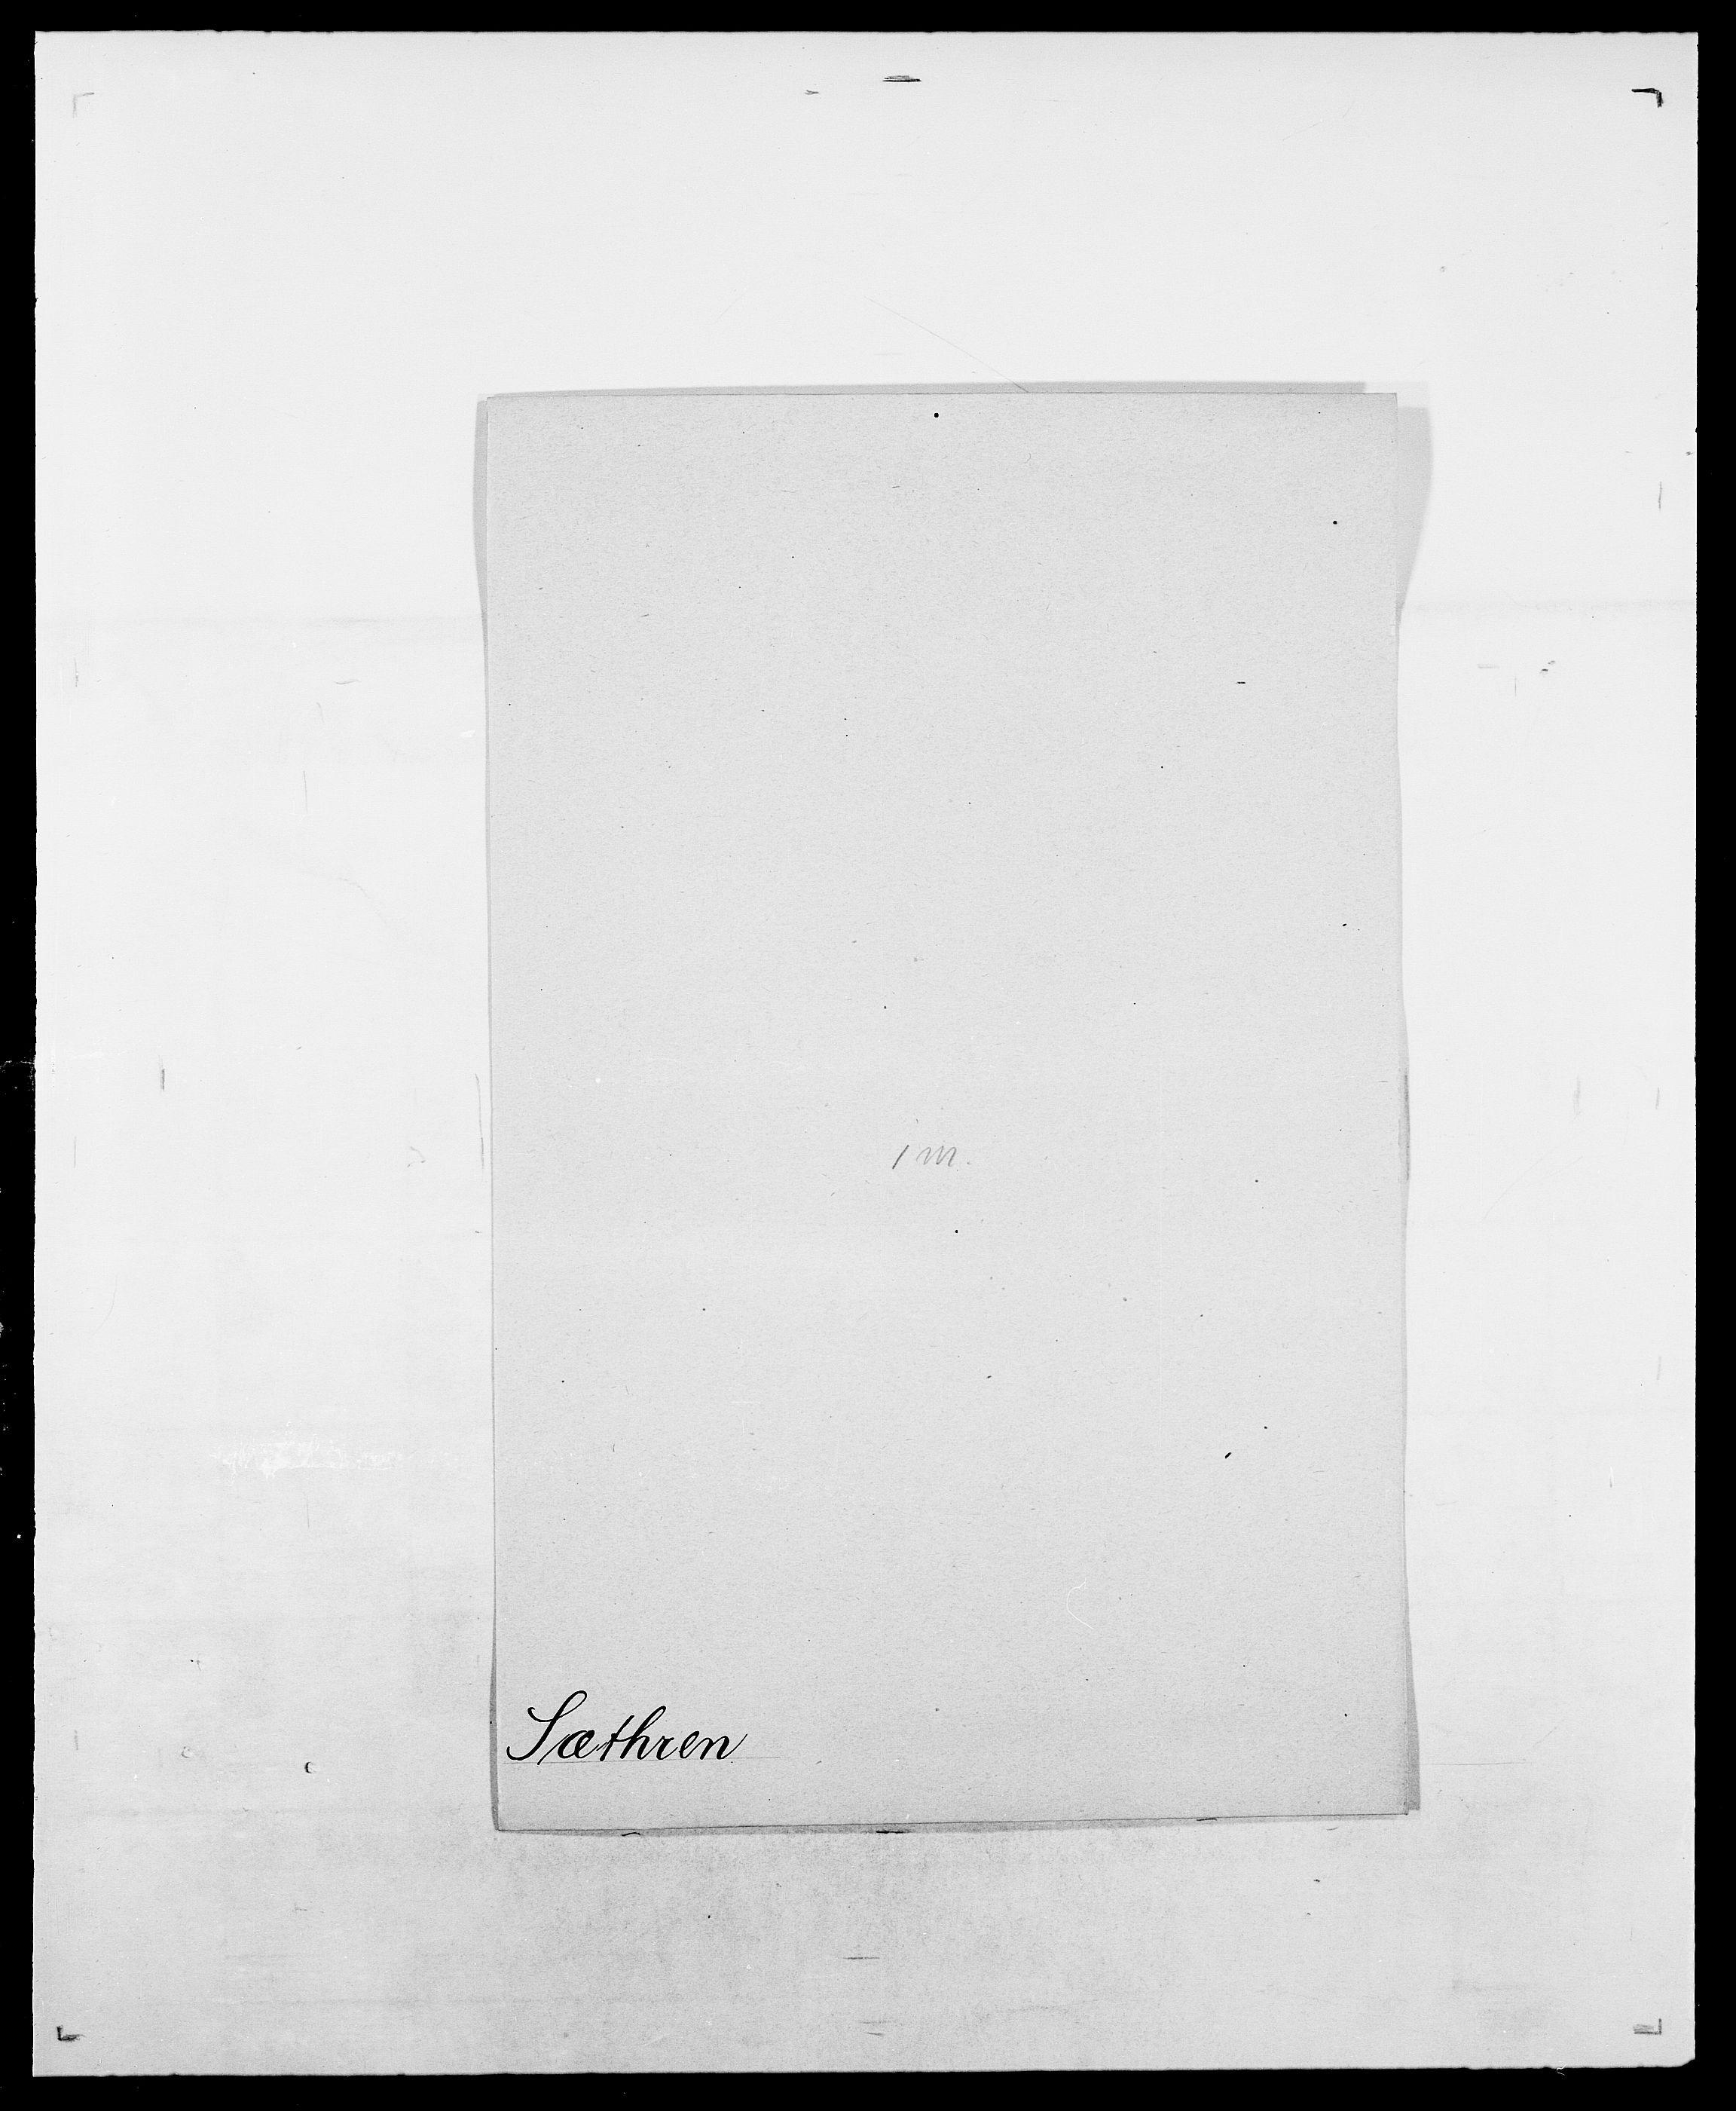 SAO, Delgobe, Charles Antoine - samling, D/Da/L0038: Svanenskjold - Thornsohn, s. 138